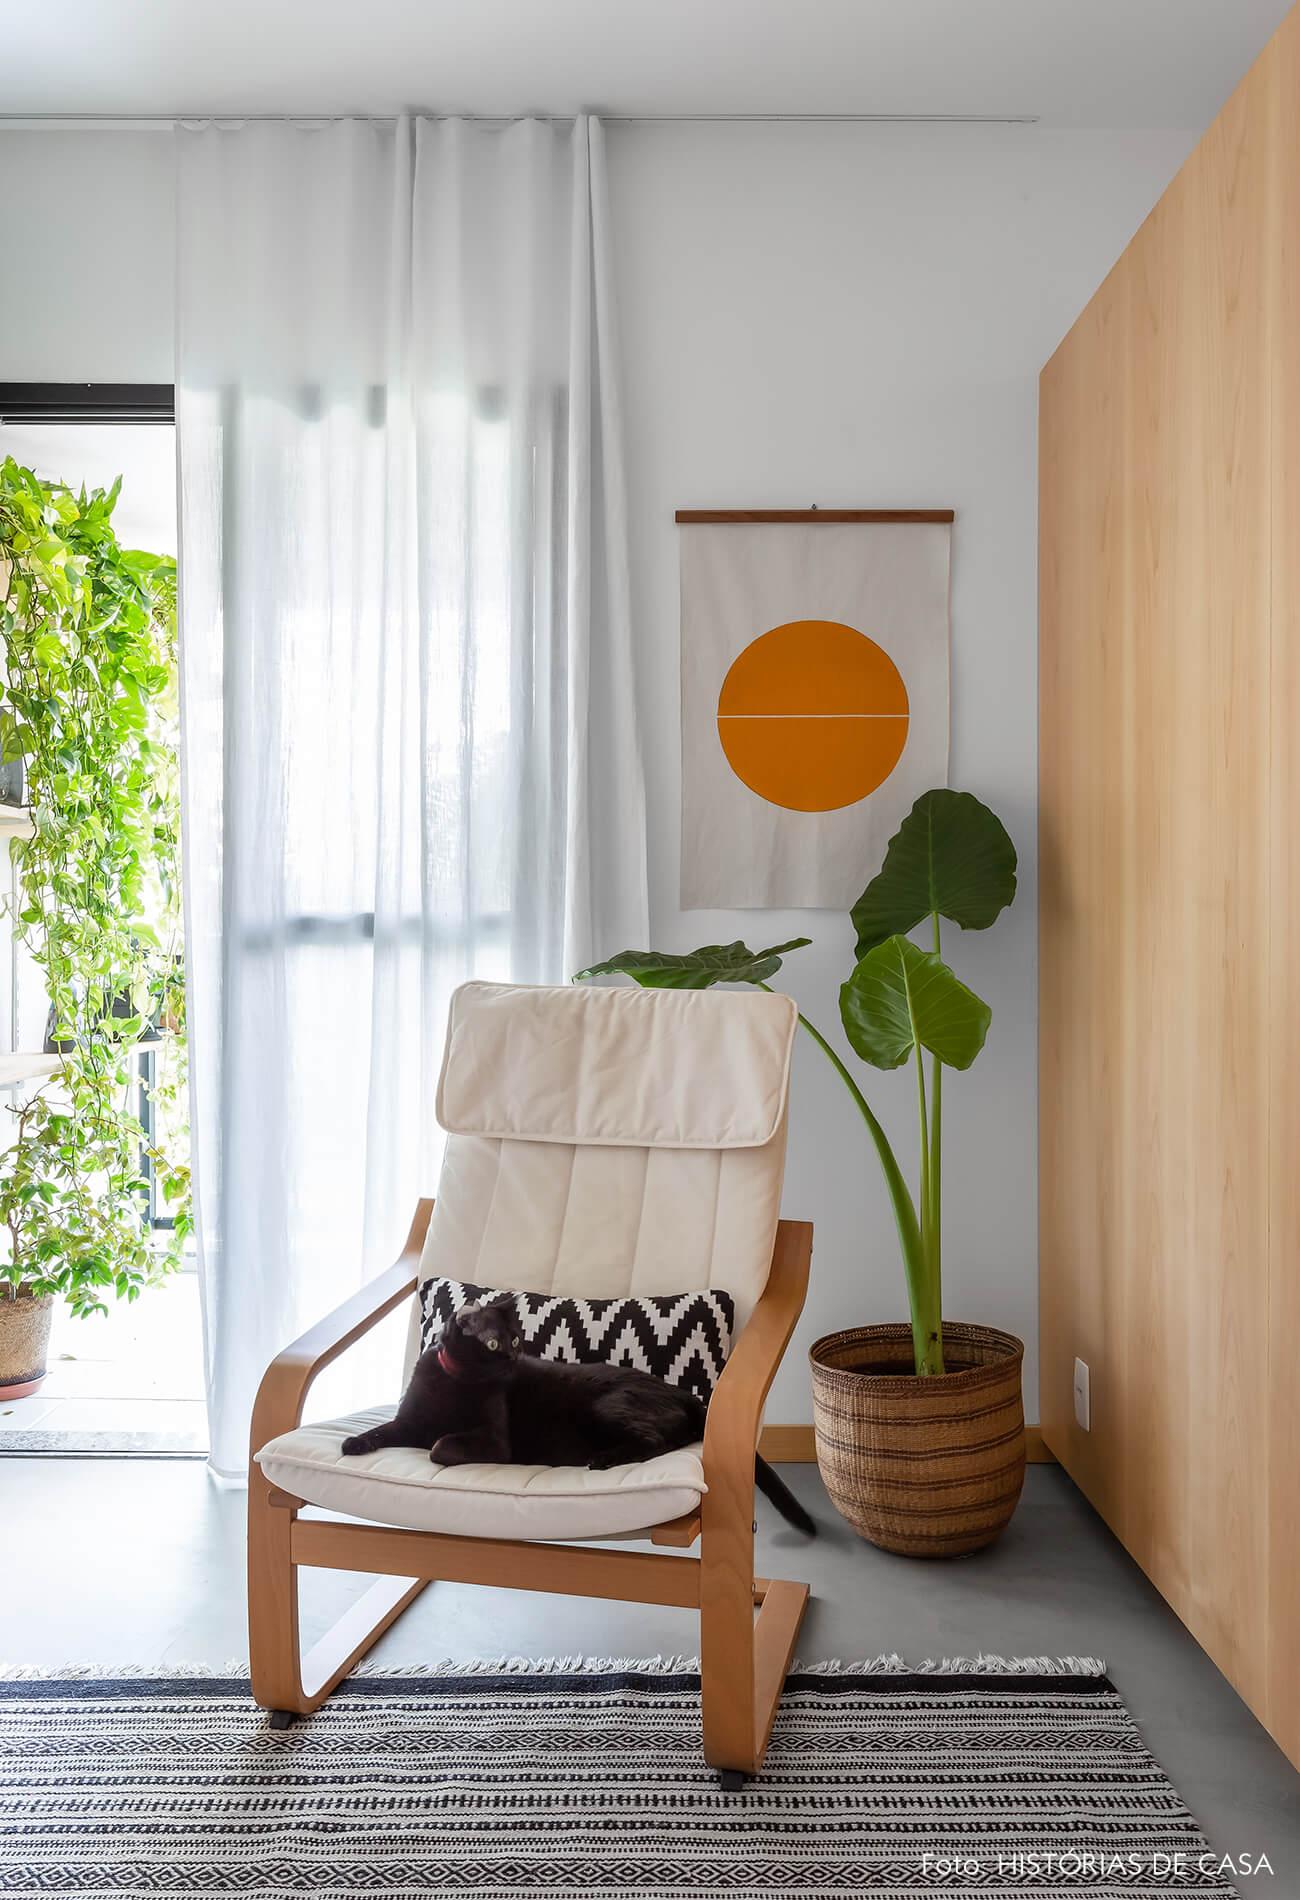 decoração sala com poltrona branca e tela com pintura geométrica